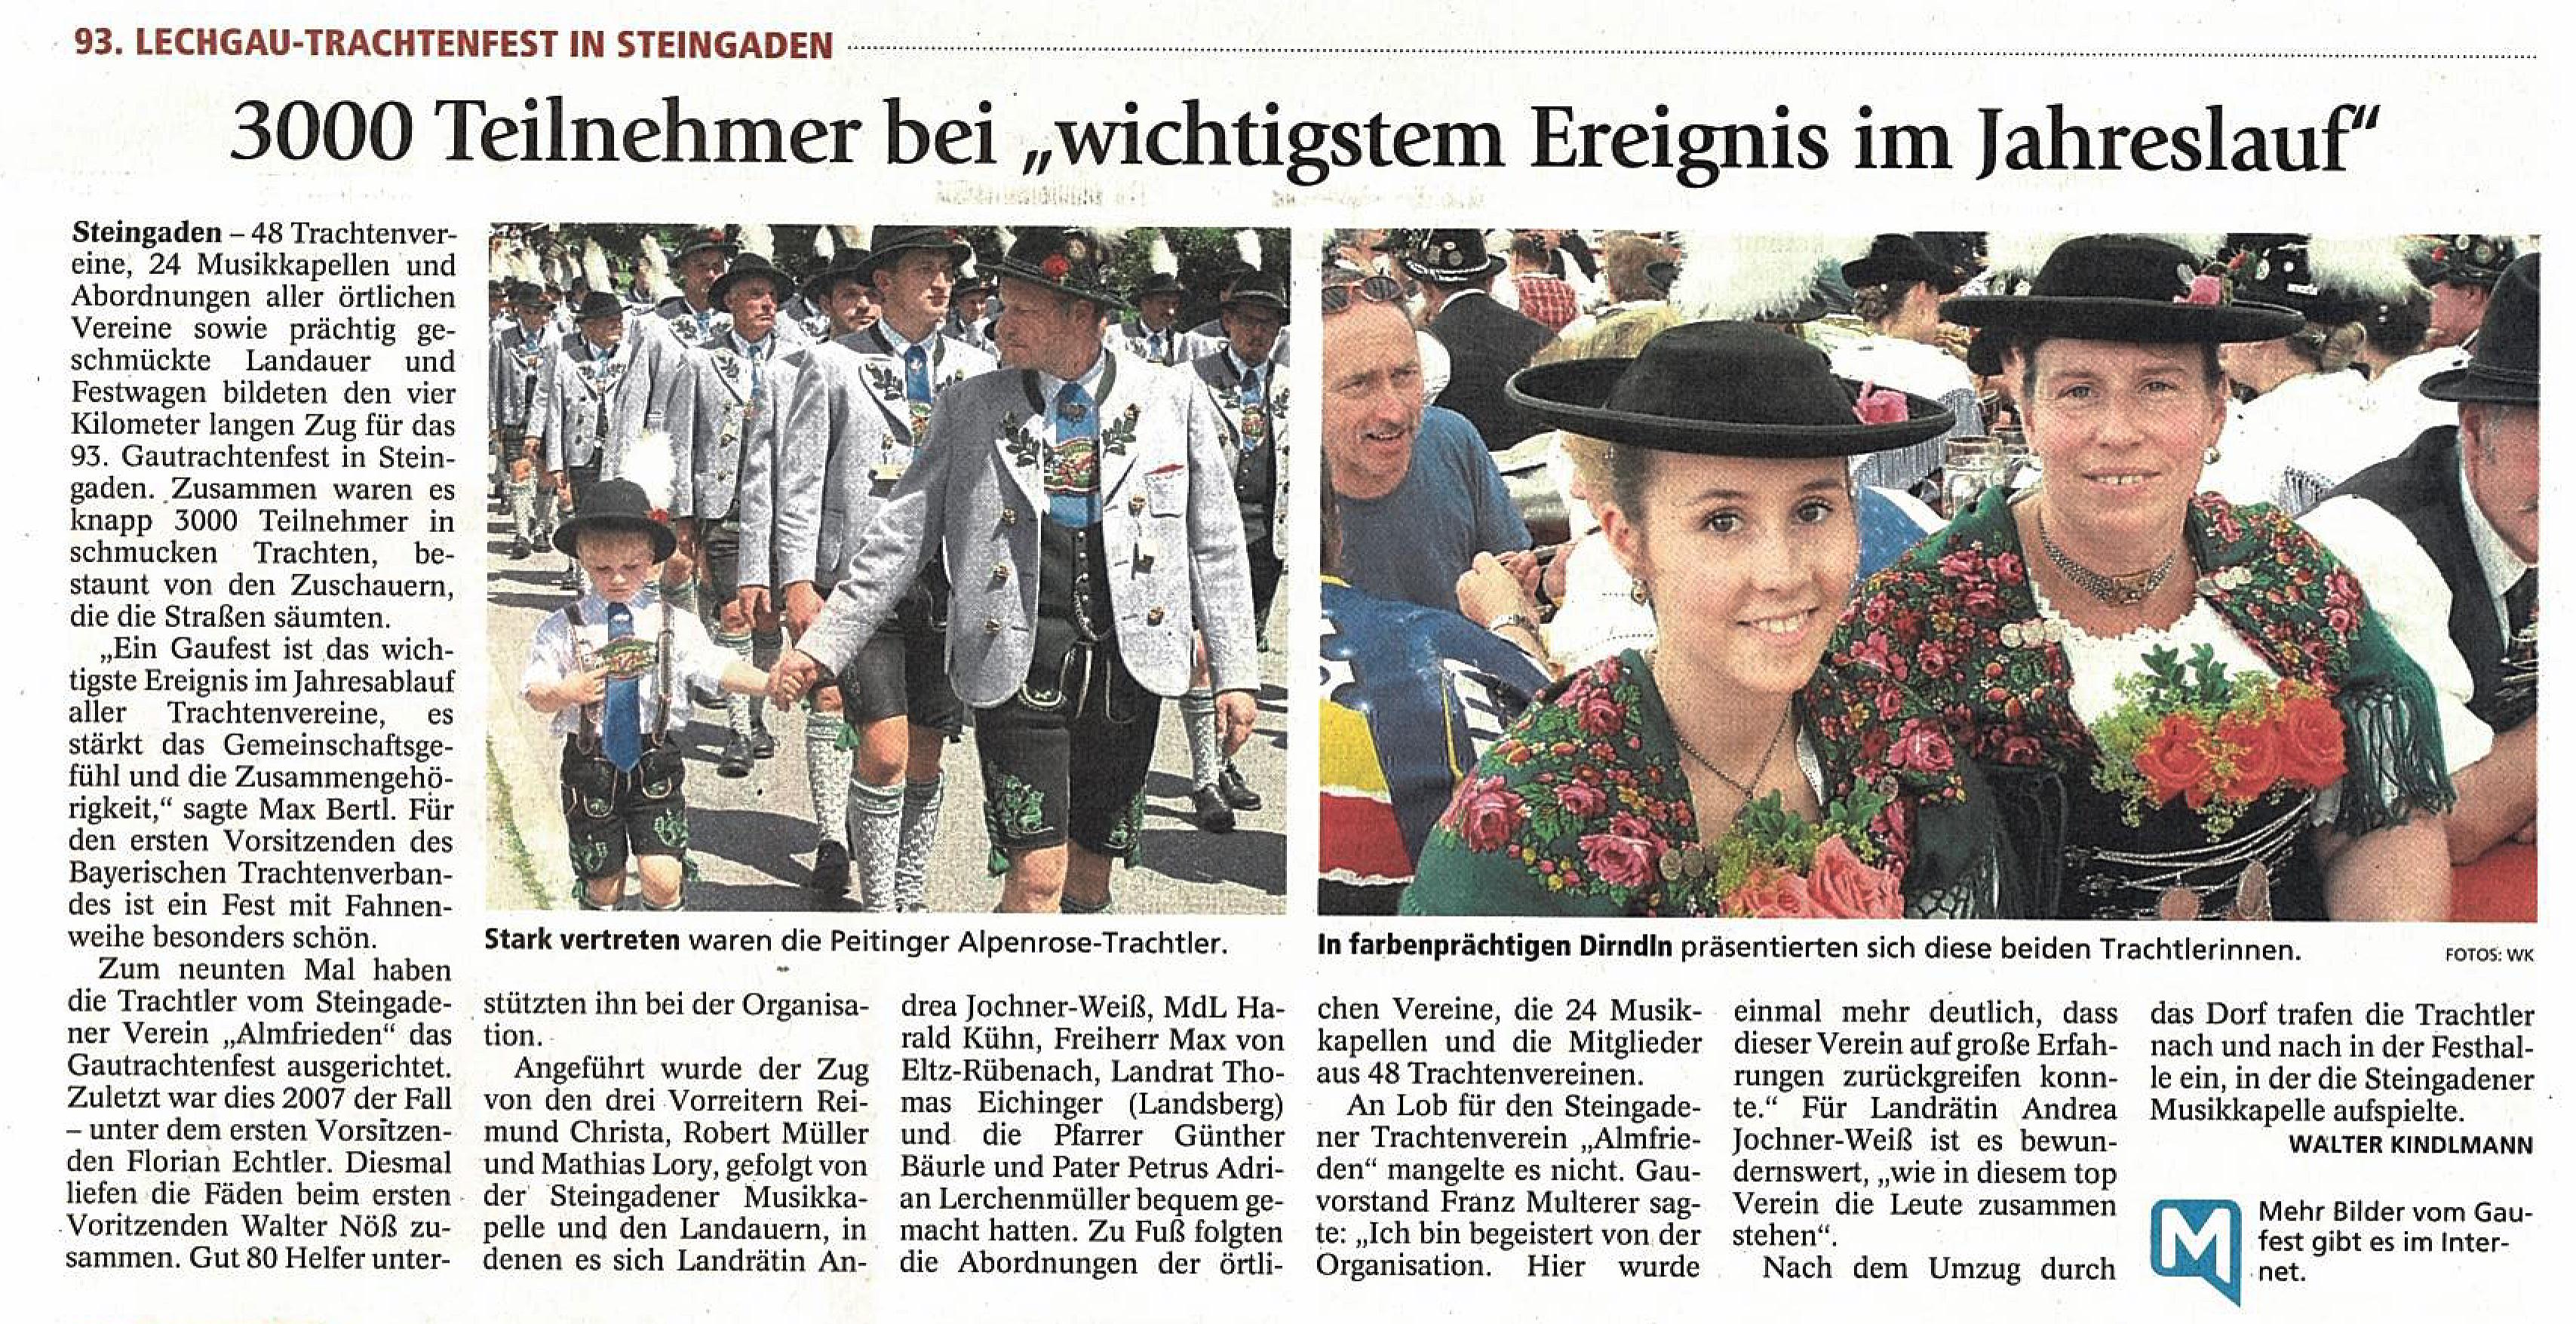 Weilheimer Tagblatt, 18.0.7.2016